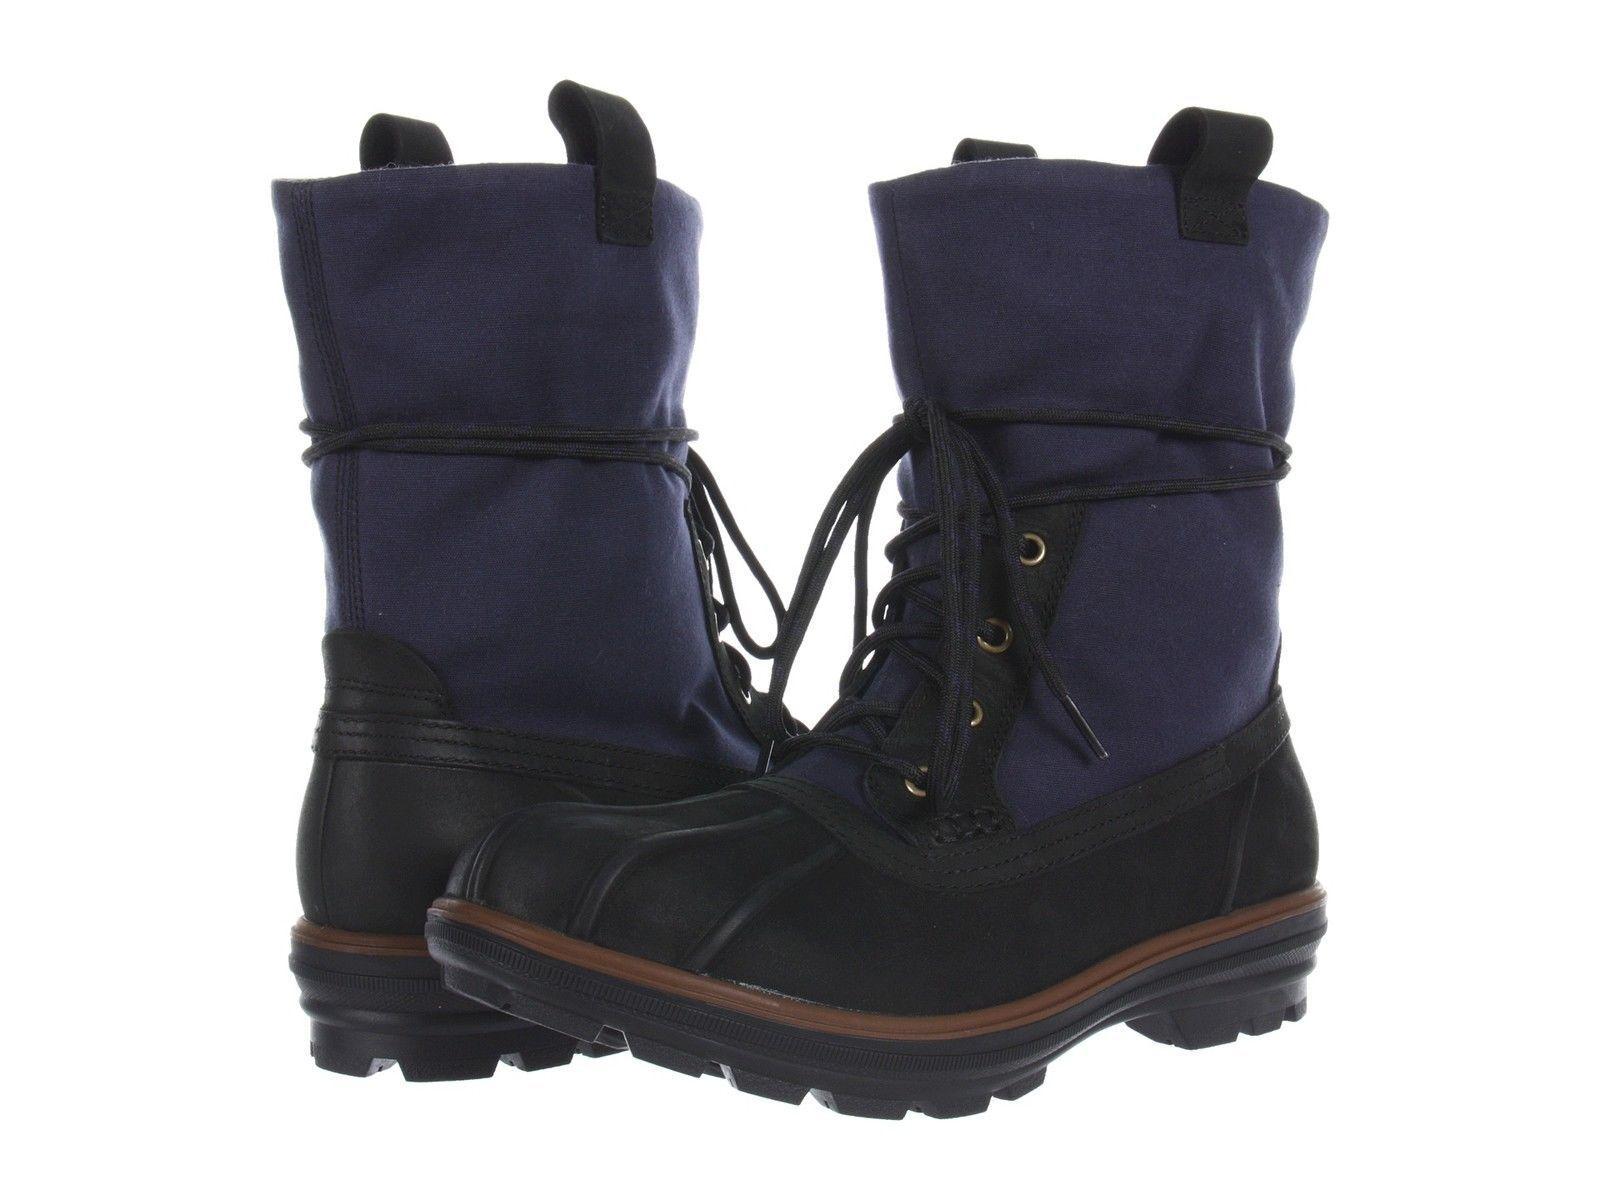 Cole Haan AIR SCOUT imperméable Randonnée Chaussure D'hiver Homme 10 Marine Noir Neuf Dans Boîte